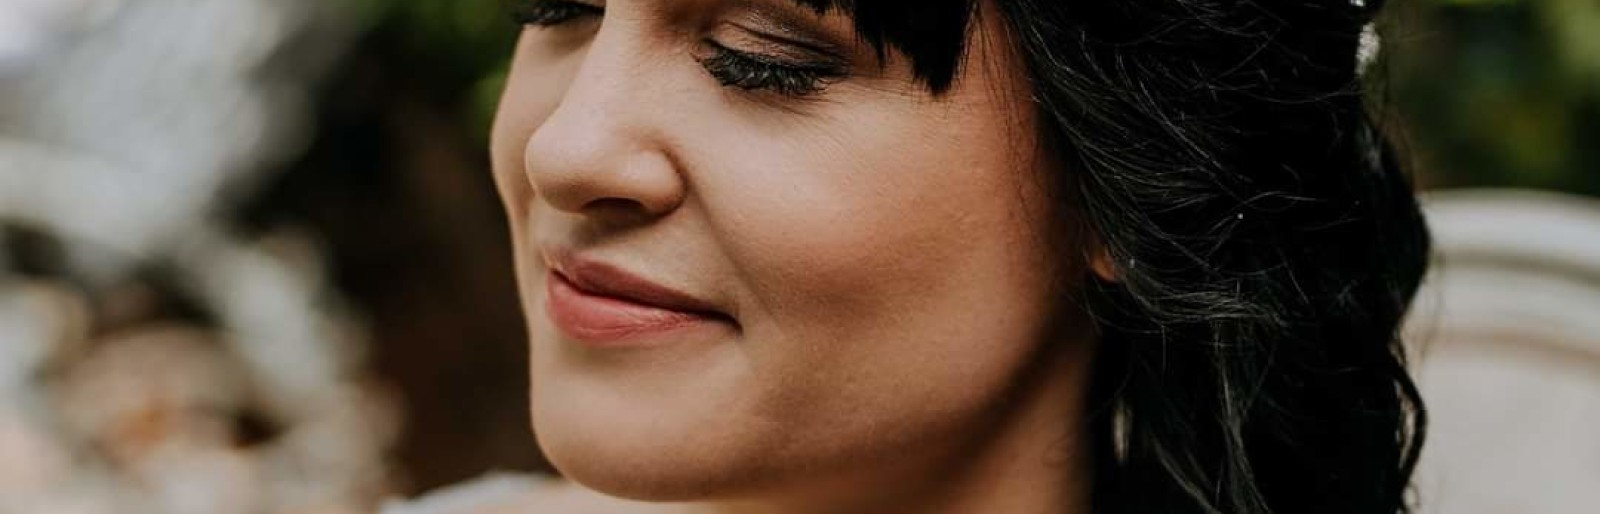 Madia Janse van Rensburg